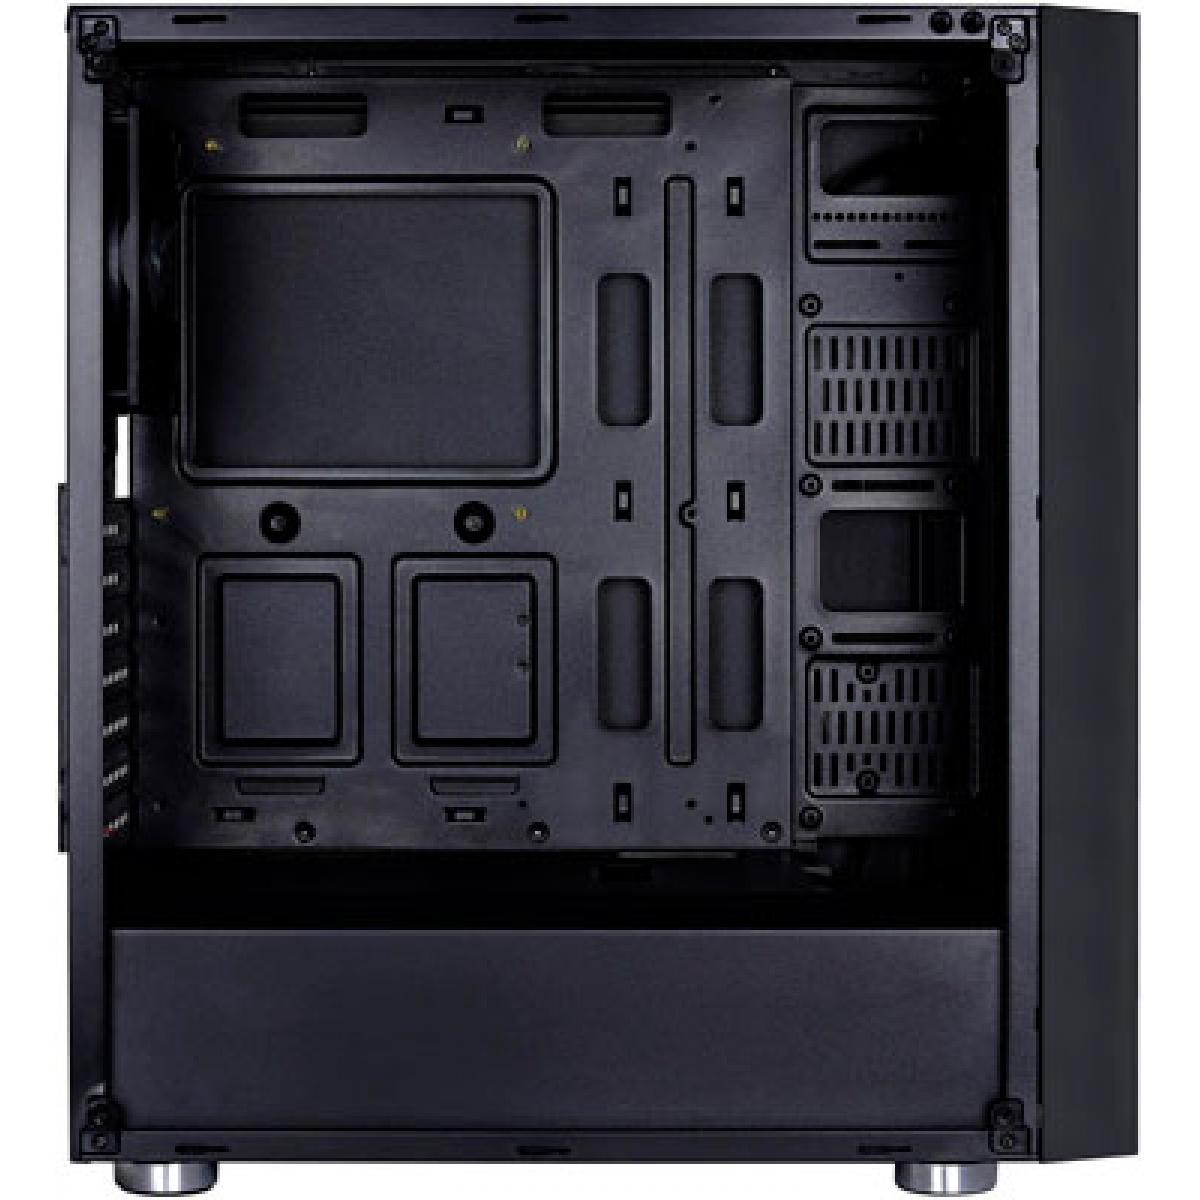 Gabinete Gamer Aerocool Quartz RGB, Mid Tower, Com 4 Fans, Vidro Temperado, Black, Sem Fonte, 64790